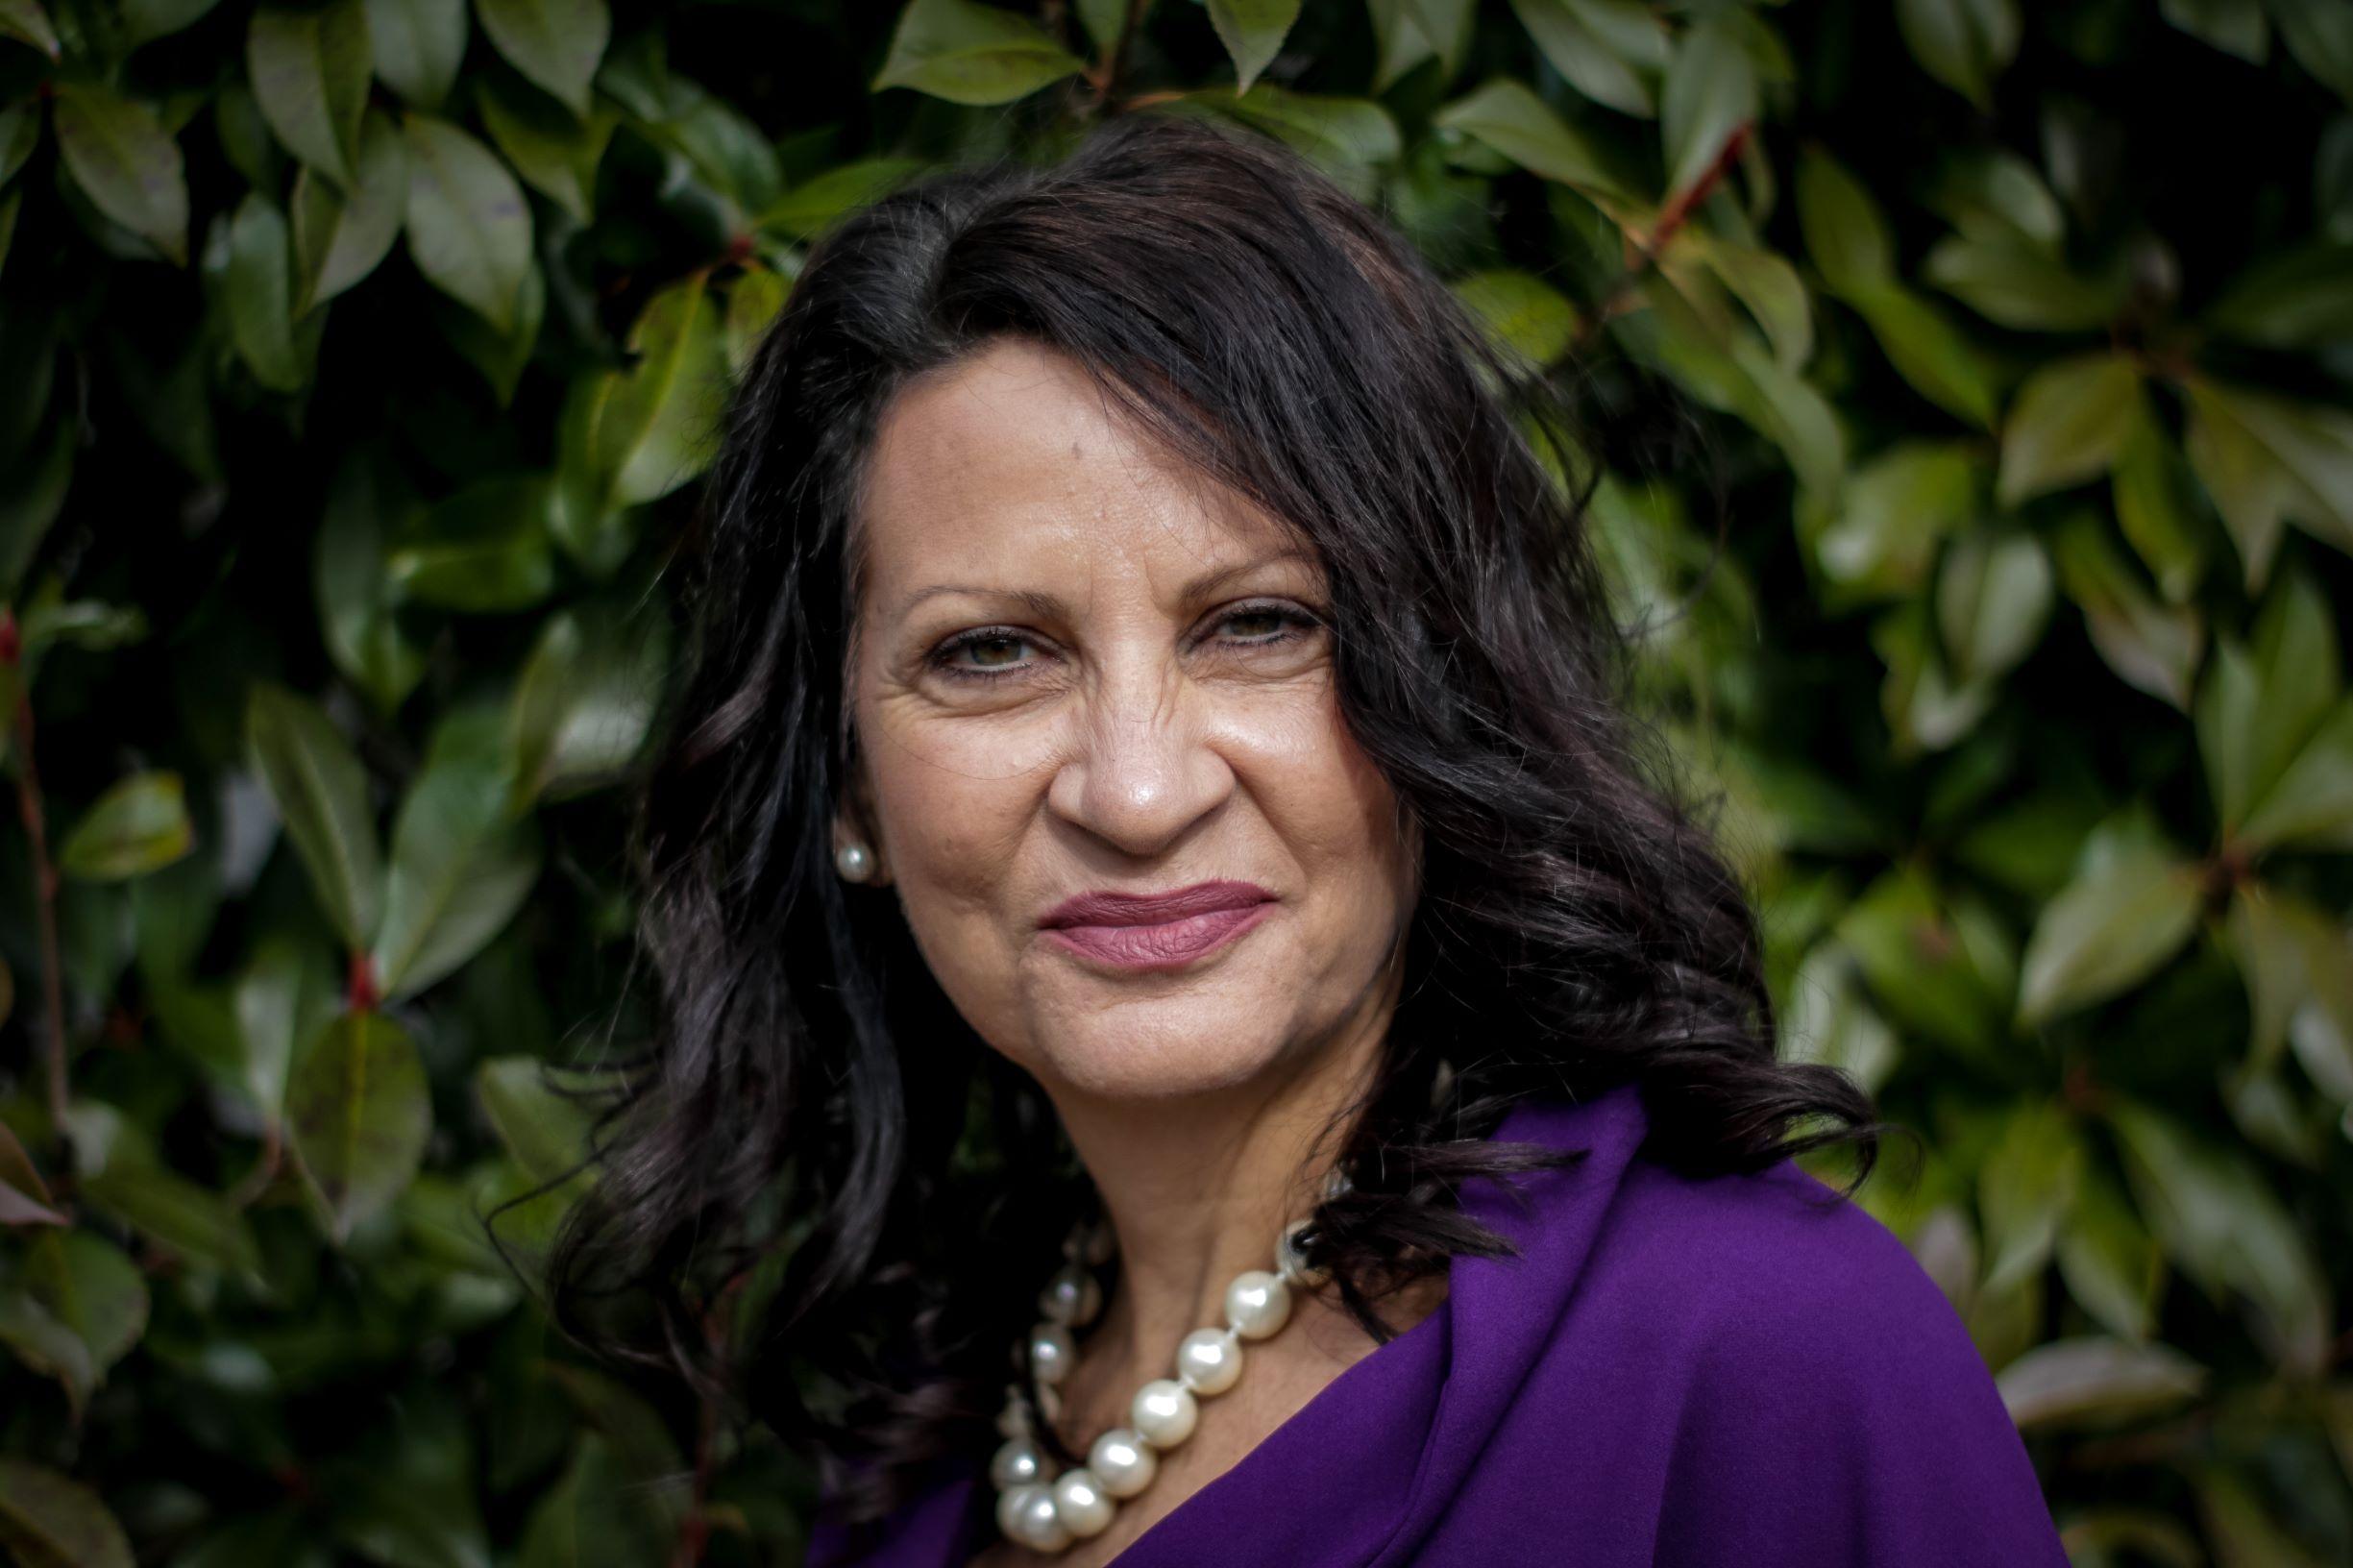 Denise Bolognese